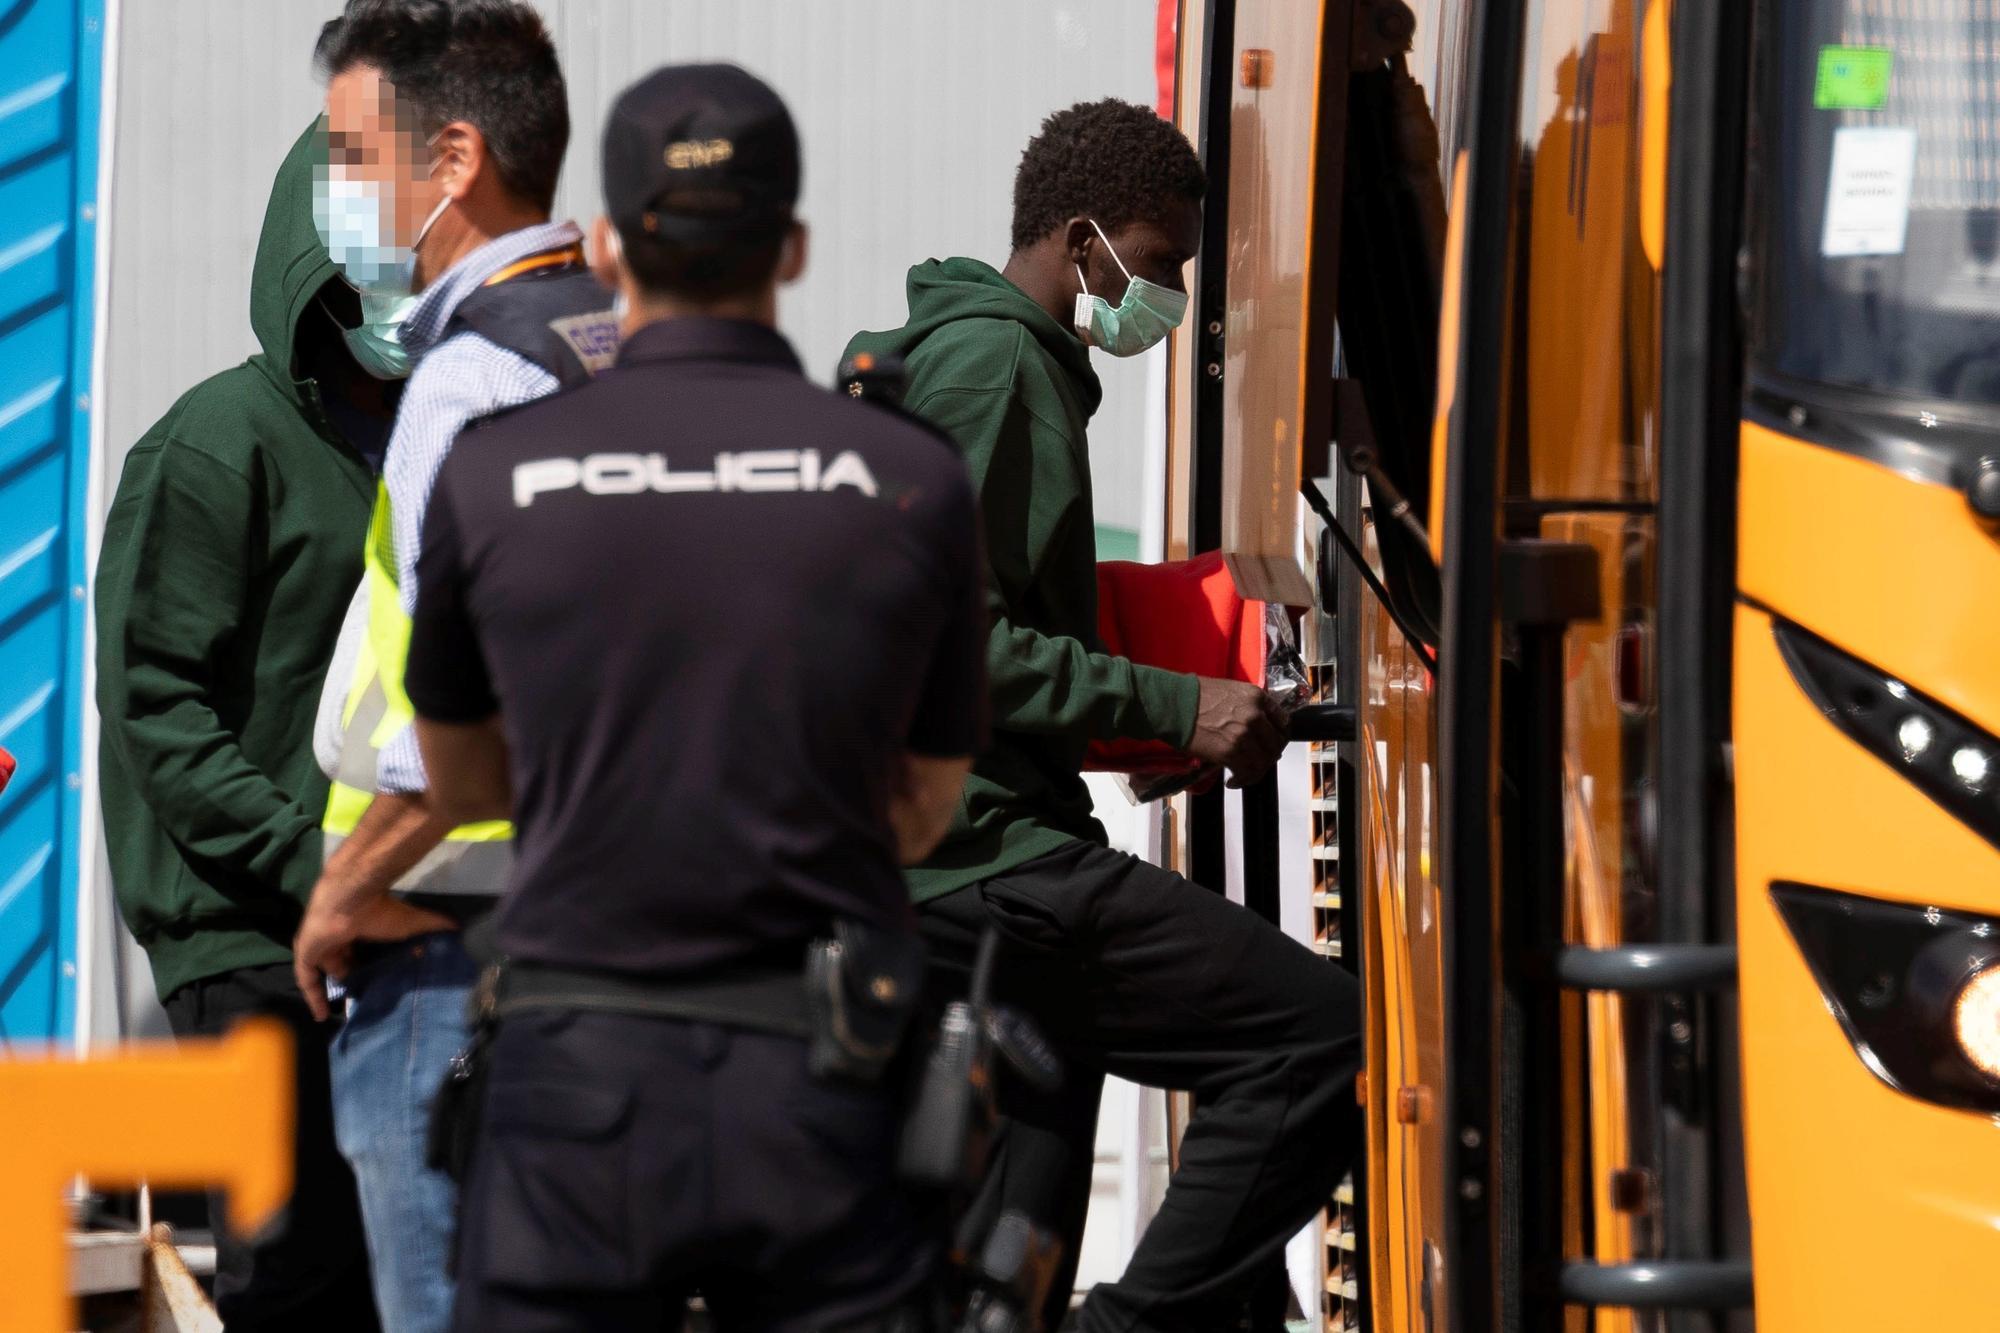 Llega al Puerto de Los Cristianos una patera con 13 ocupantes